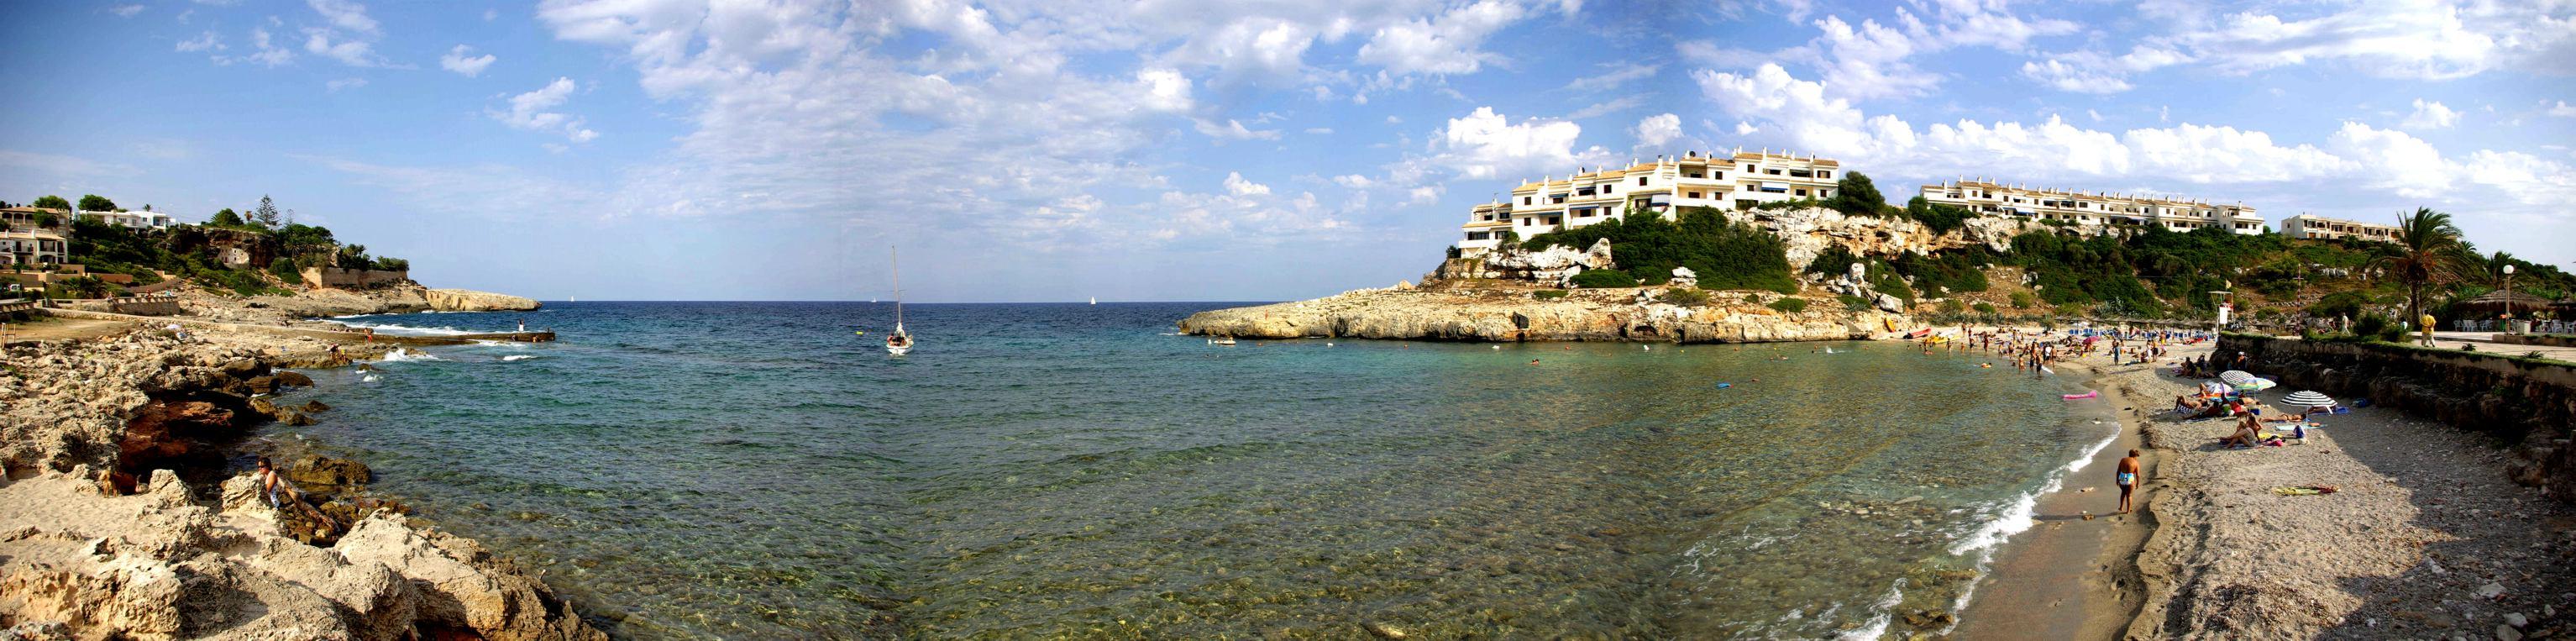 Playa Caló Antena